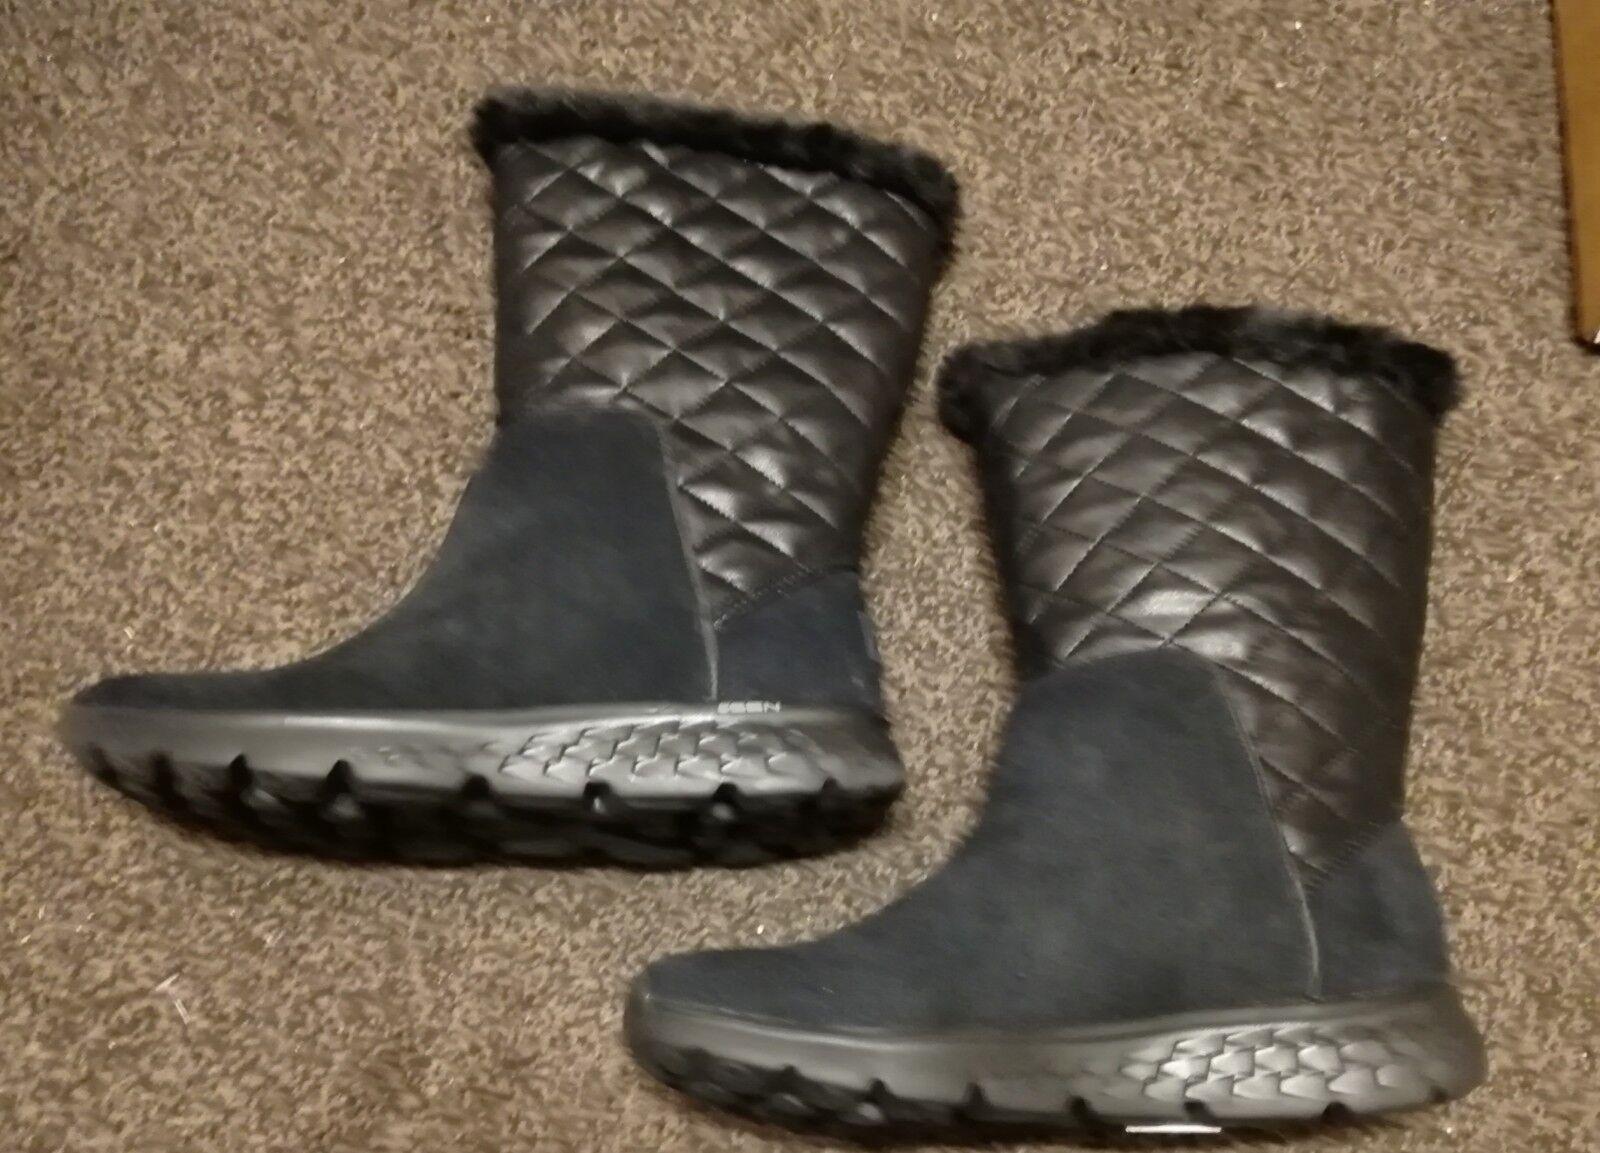 Skechers en el ir perfectamente Gamuza Mid Top bota bota bota Talla UK 5 Nuevo  envío rápido en todo el mundo